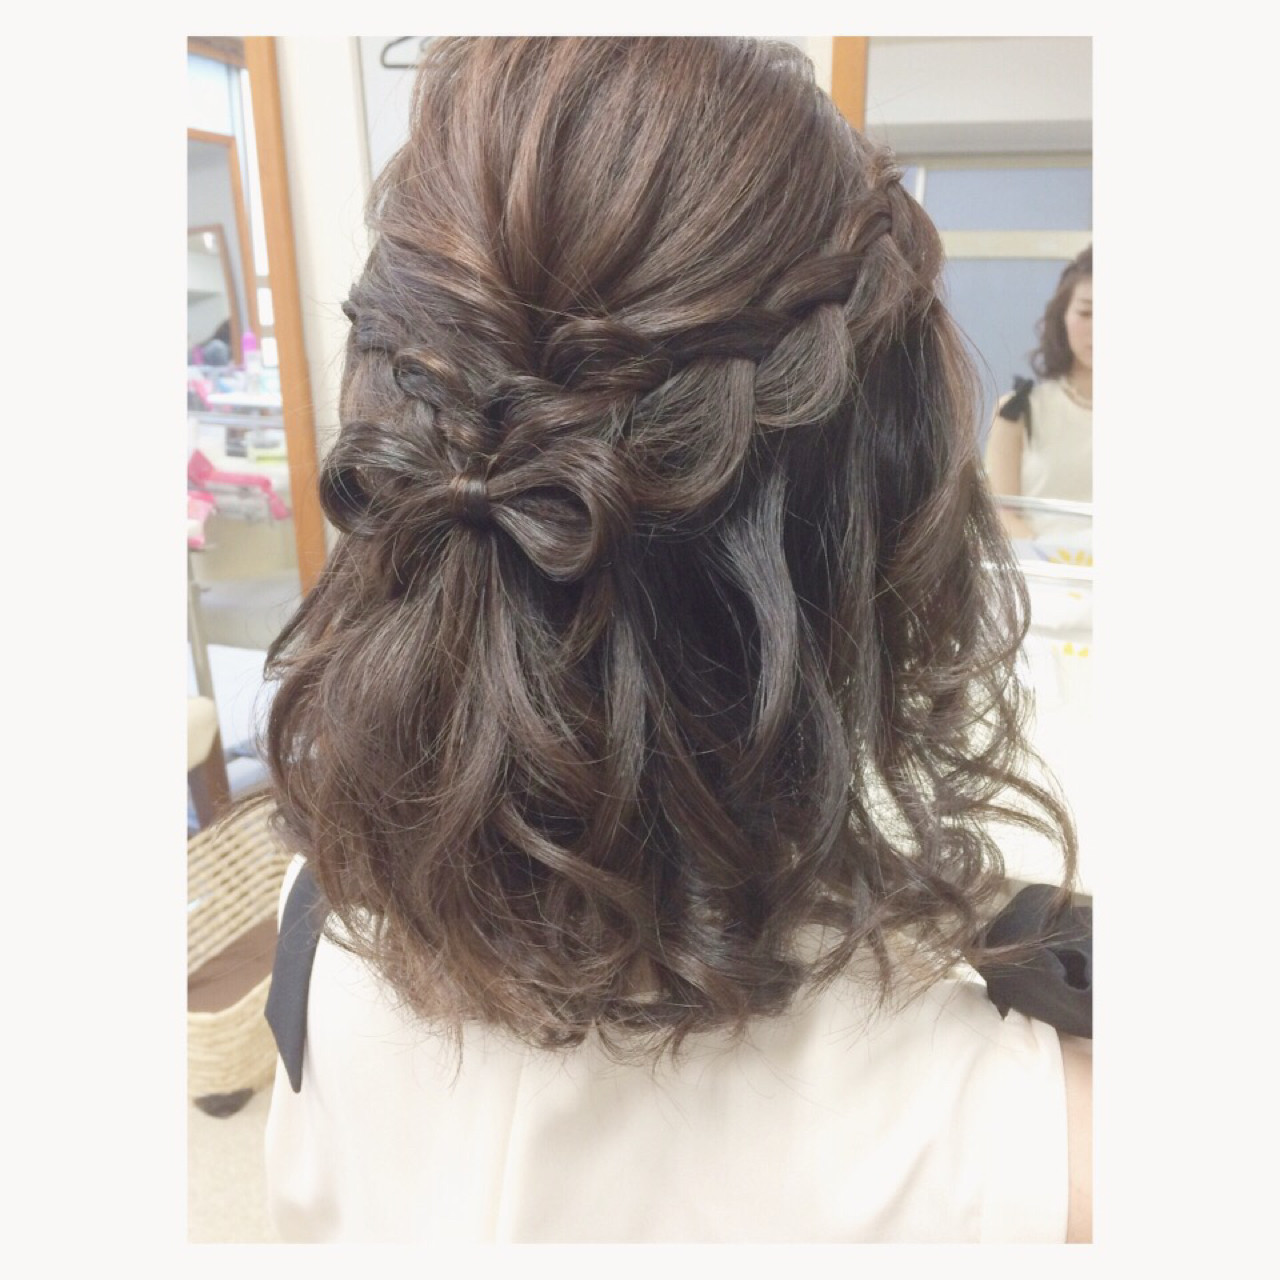 ミディアム ゆるふわ フェミニン ハーフアップ ヘアスタイルや髪型の写真・画像